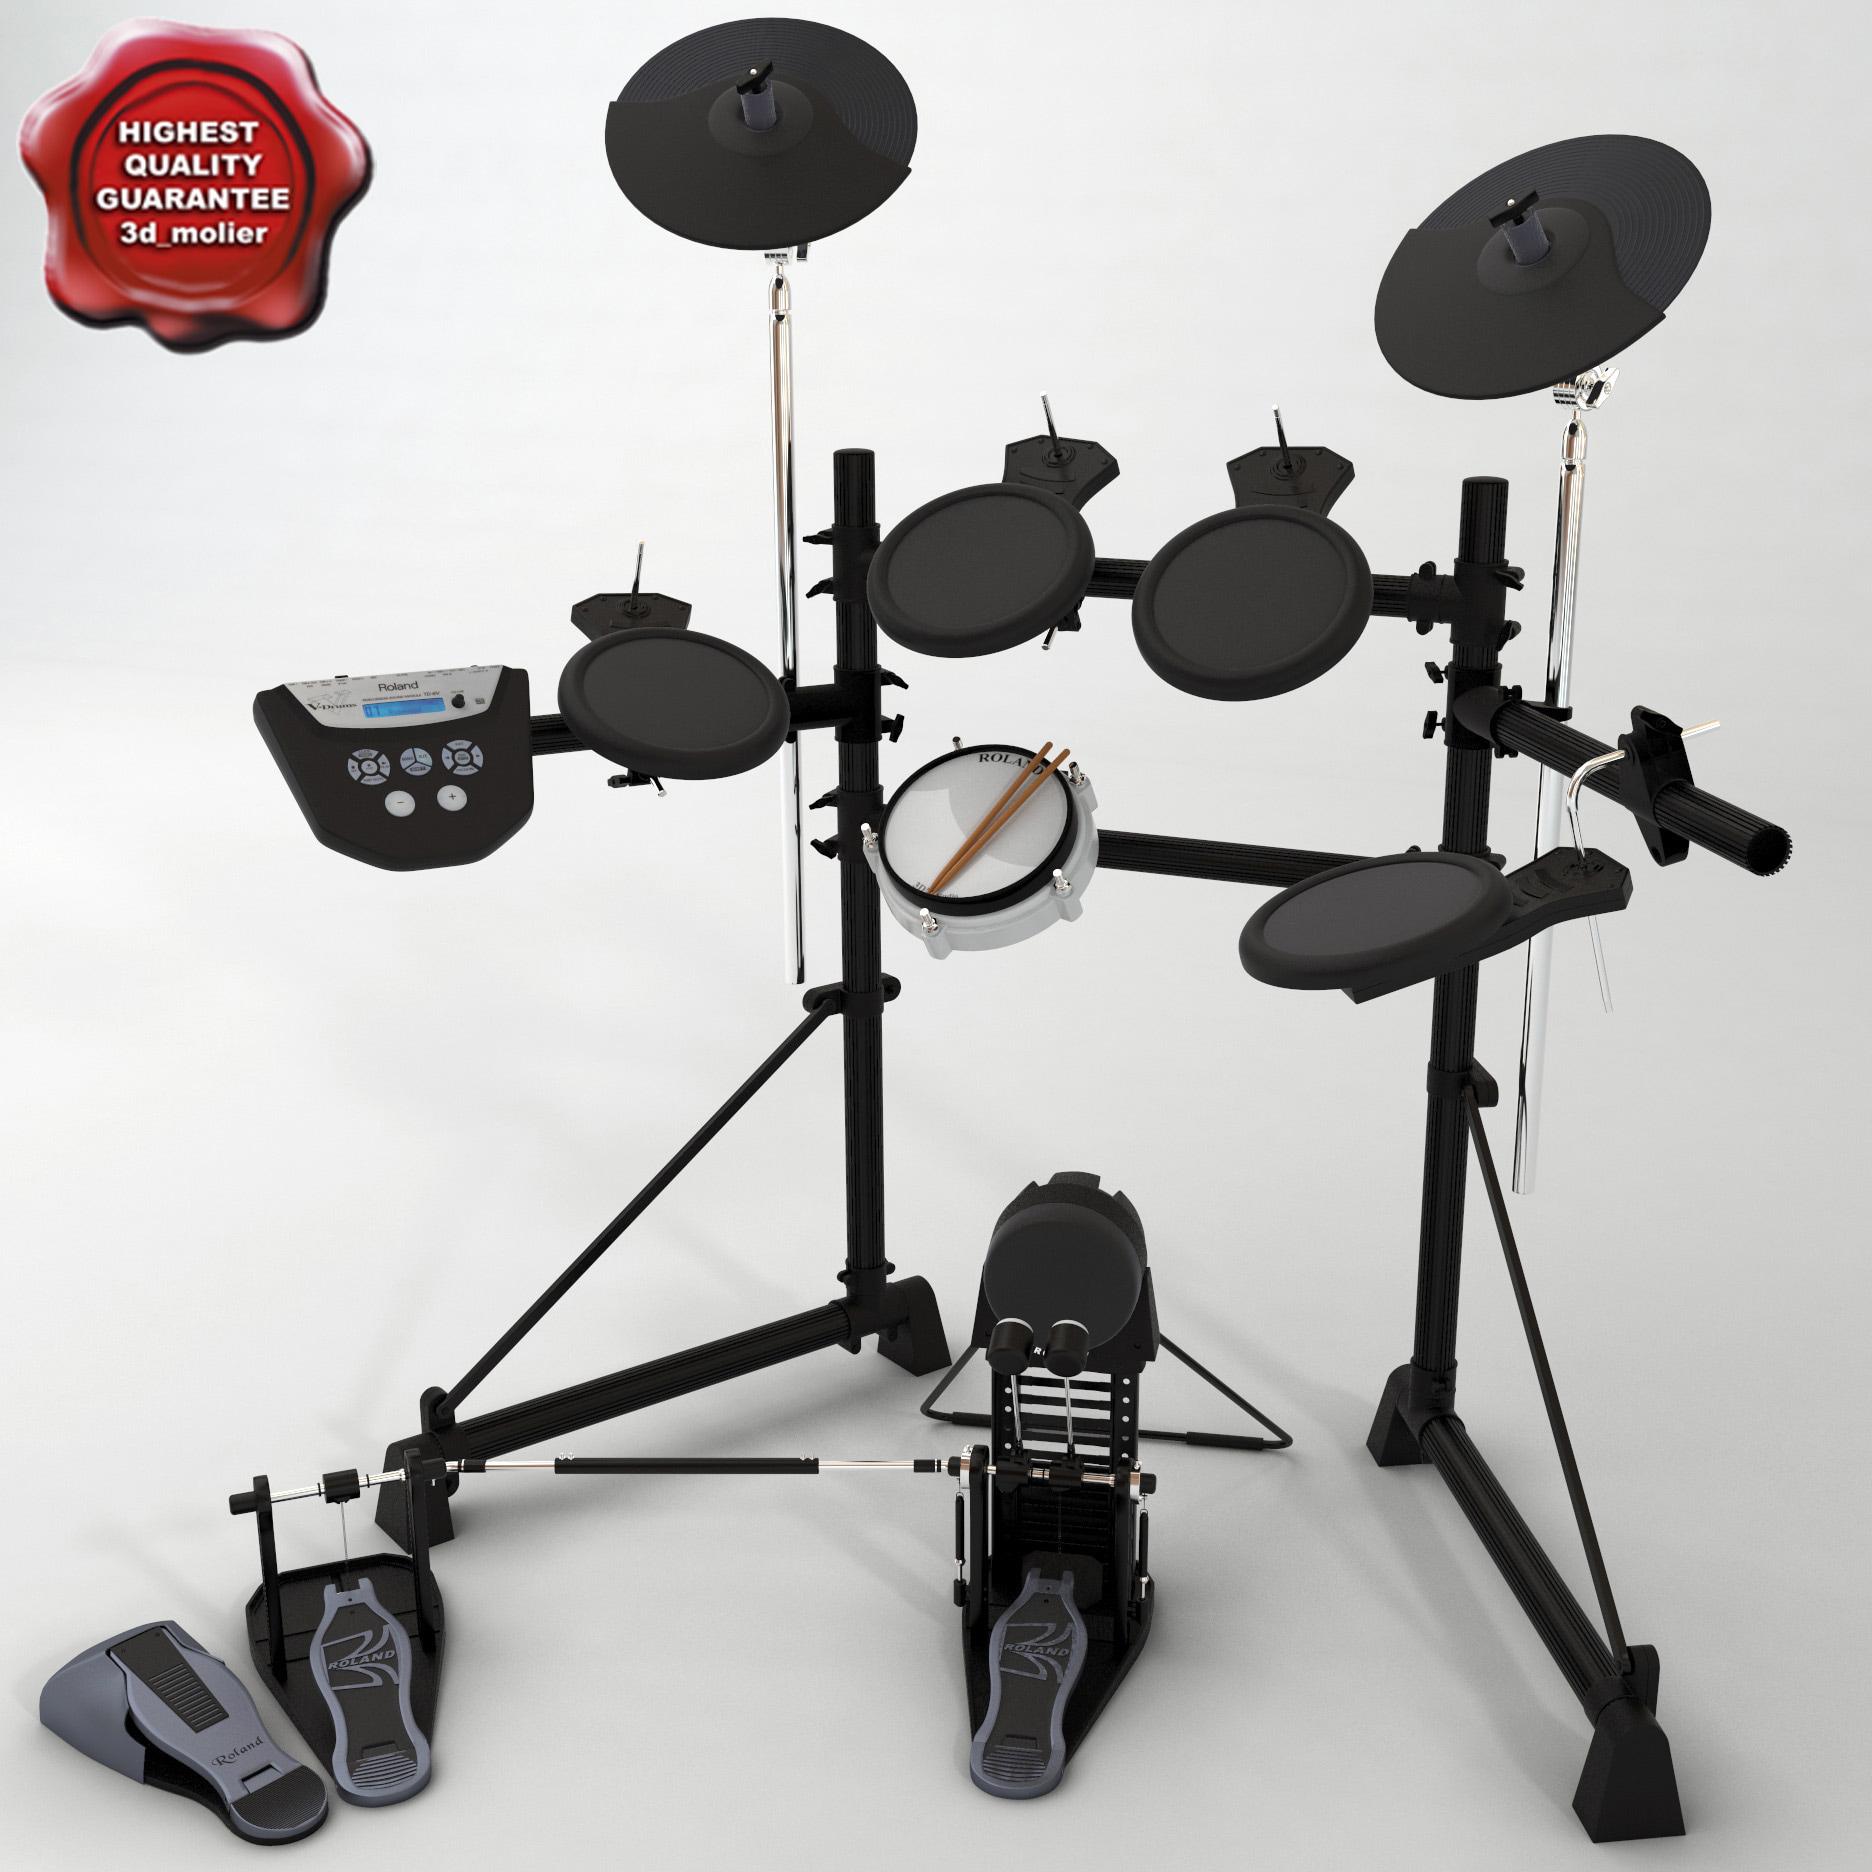 3d model roland td-6v electronic drum kit